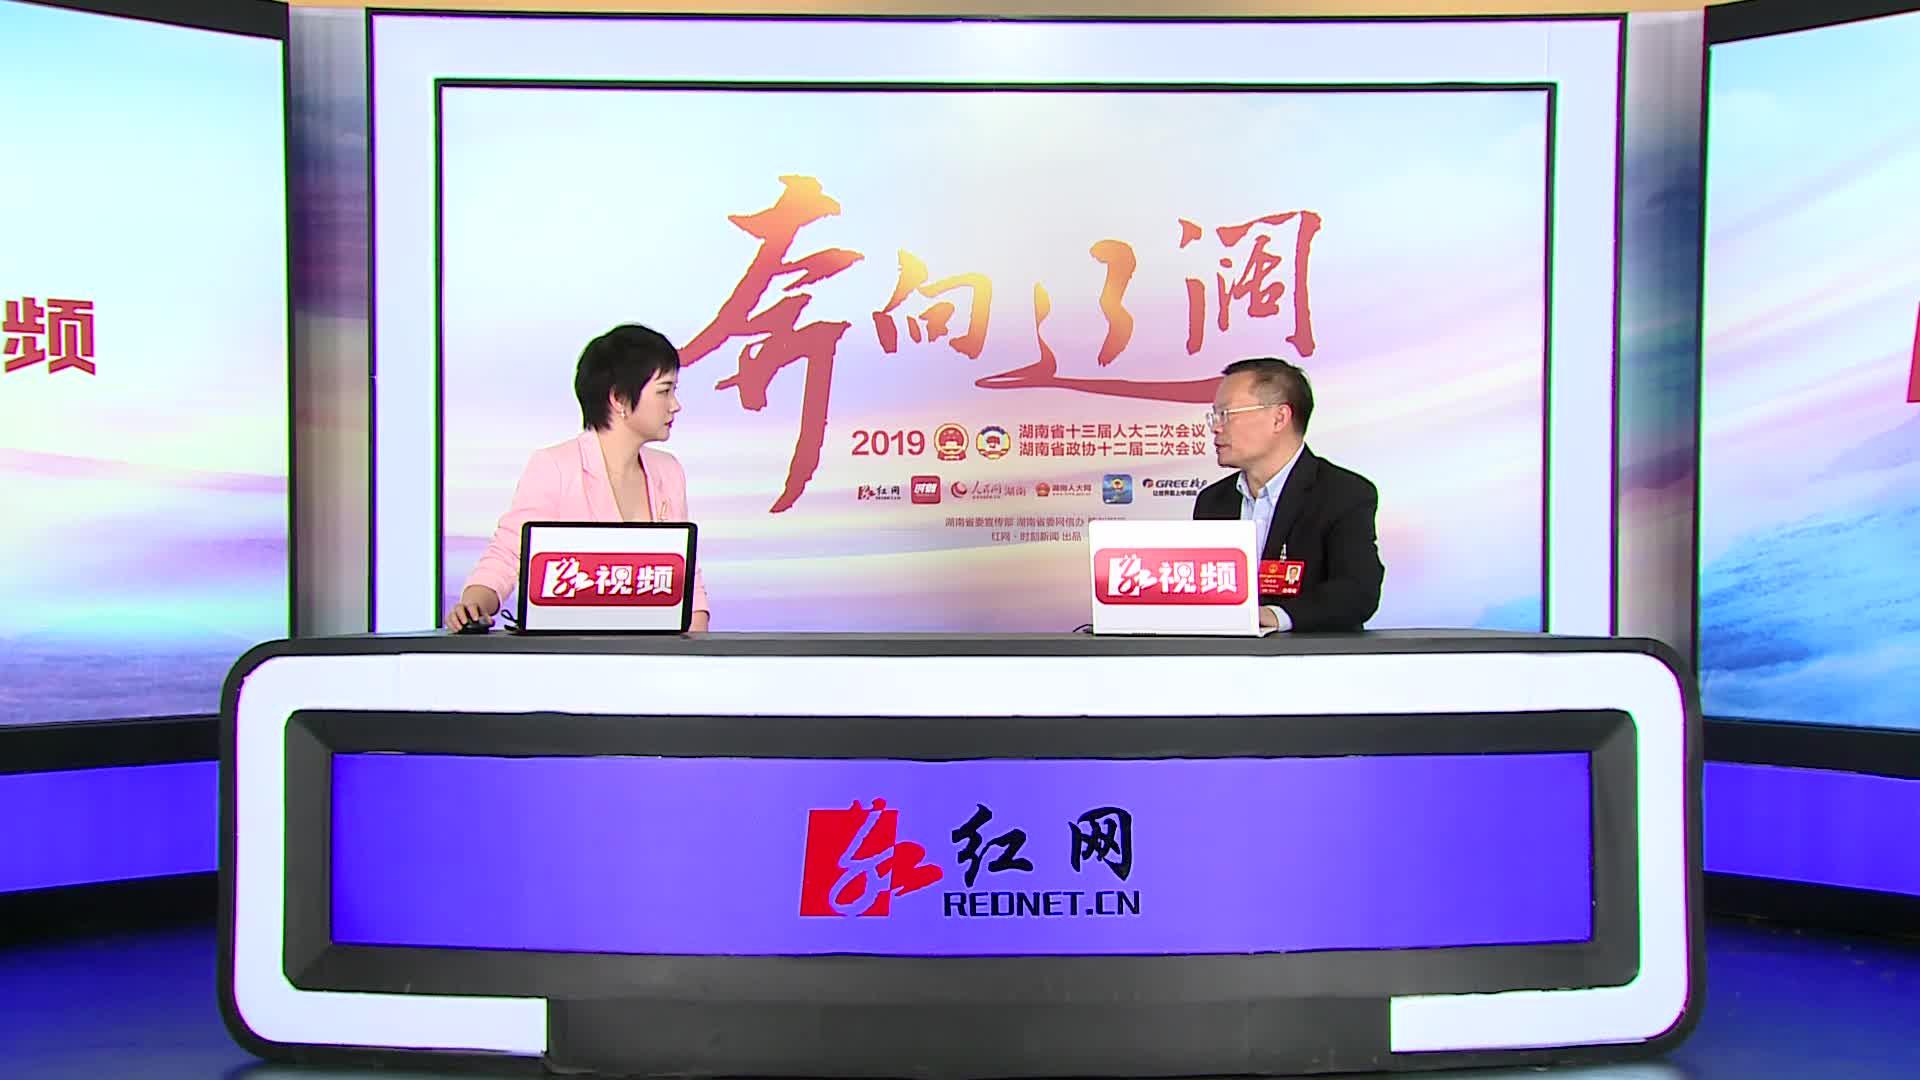 """【奔向辽阔】两会访谈 胡忠雄: 打造""""高智商""""长沙"""